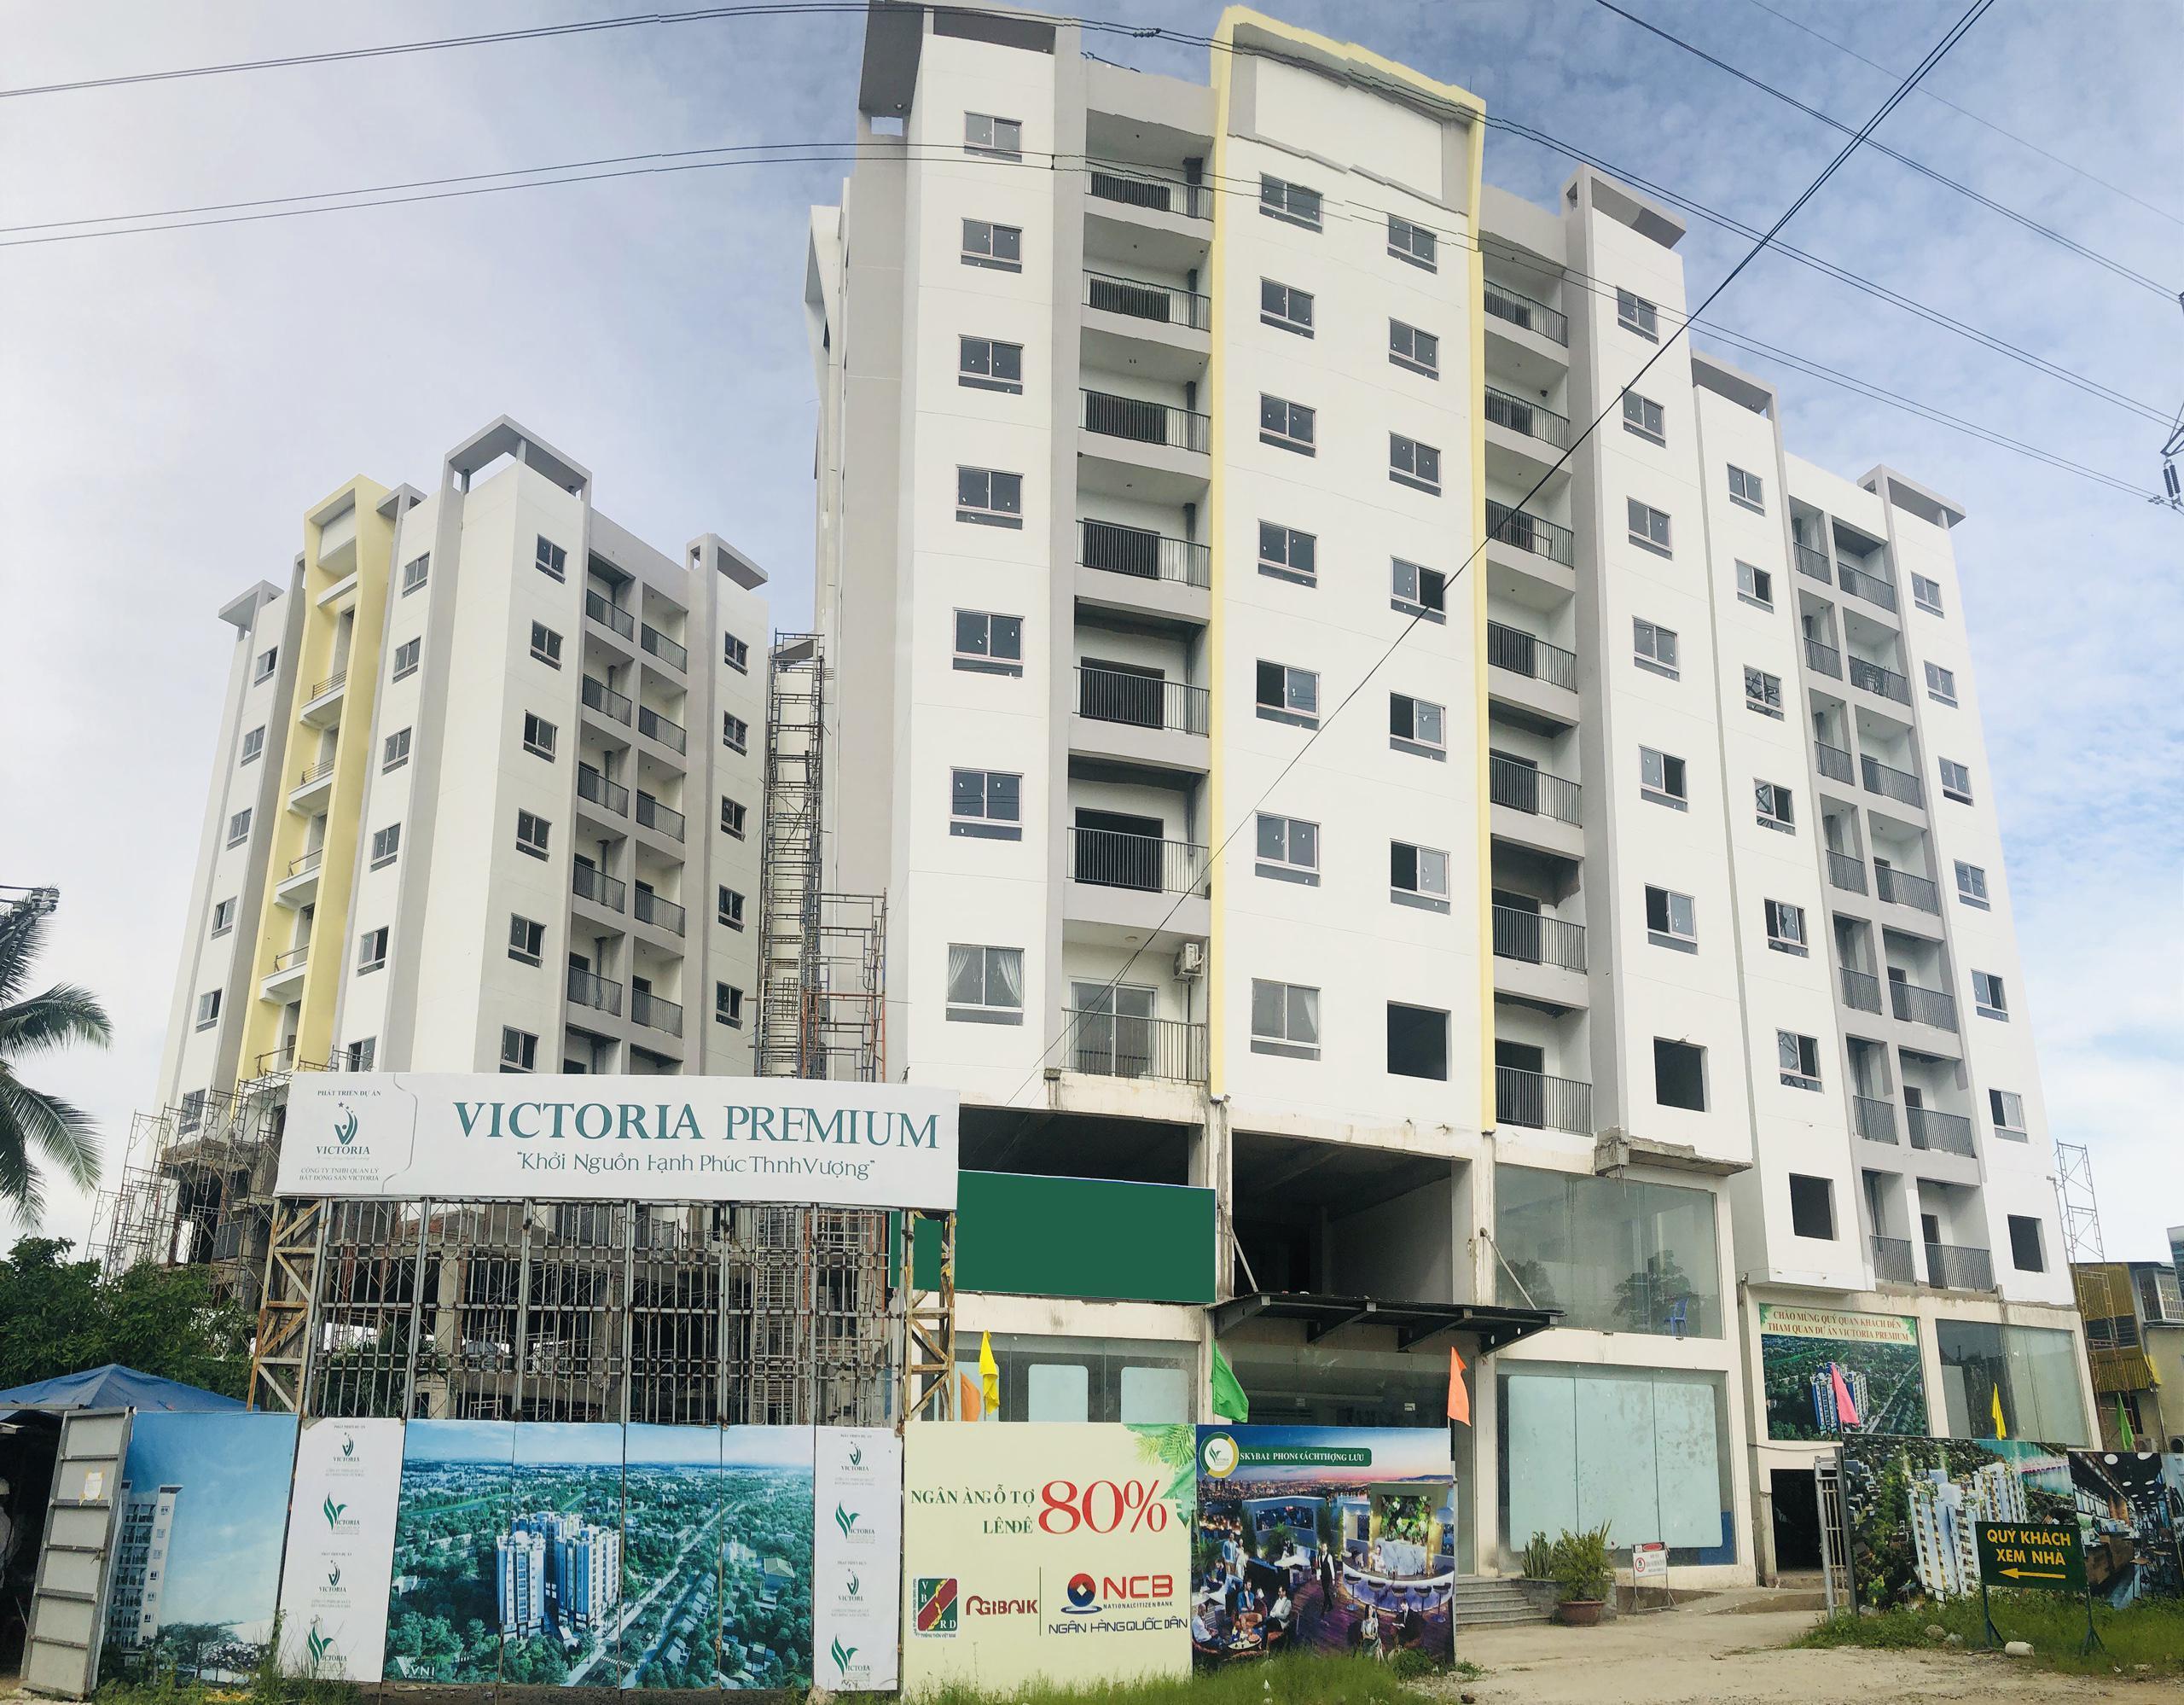 Nhà ở xã hội lân cận TP.HCM - nơi an cư lý tưởng cho người thu nhập thấp